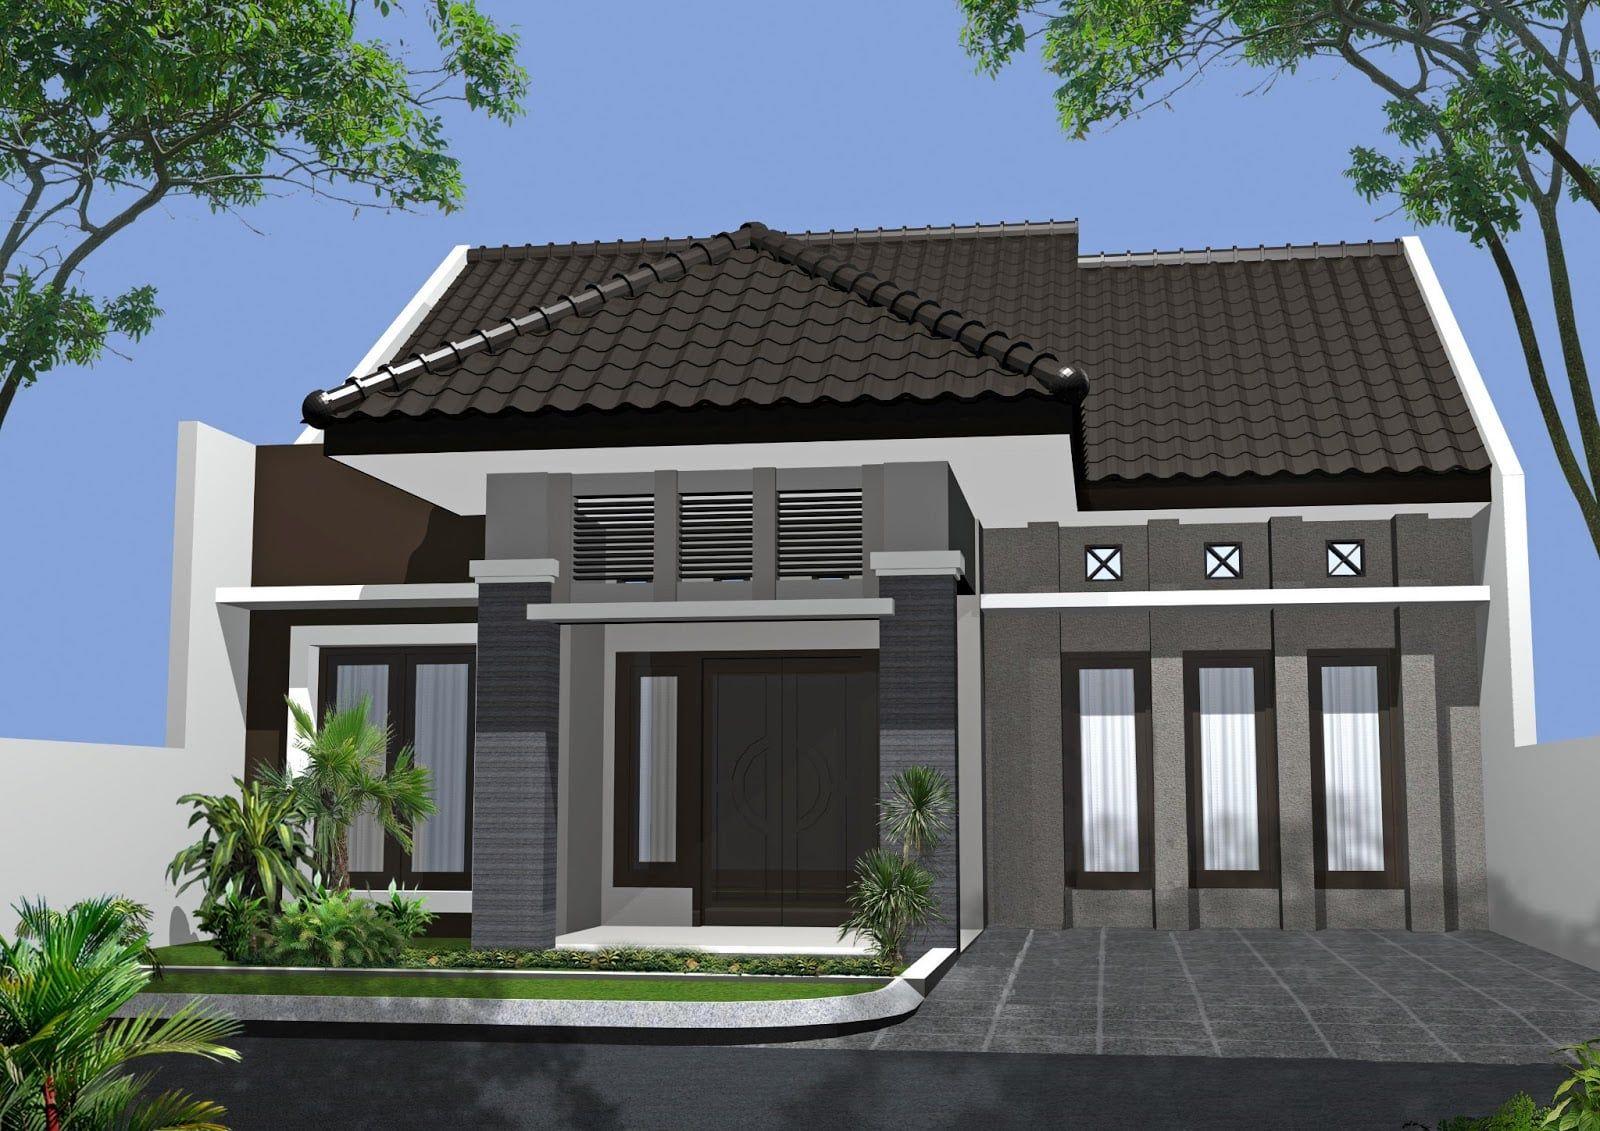 Desain Rumah Sederhana Tapi Terlihat Mewah Cek Bahan Bangunan